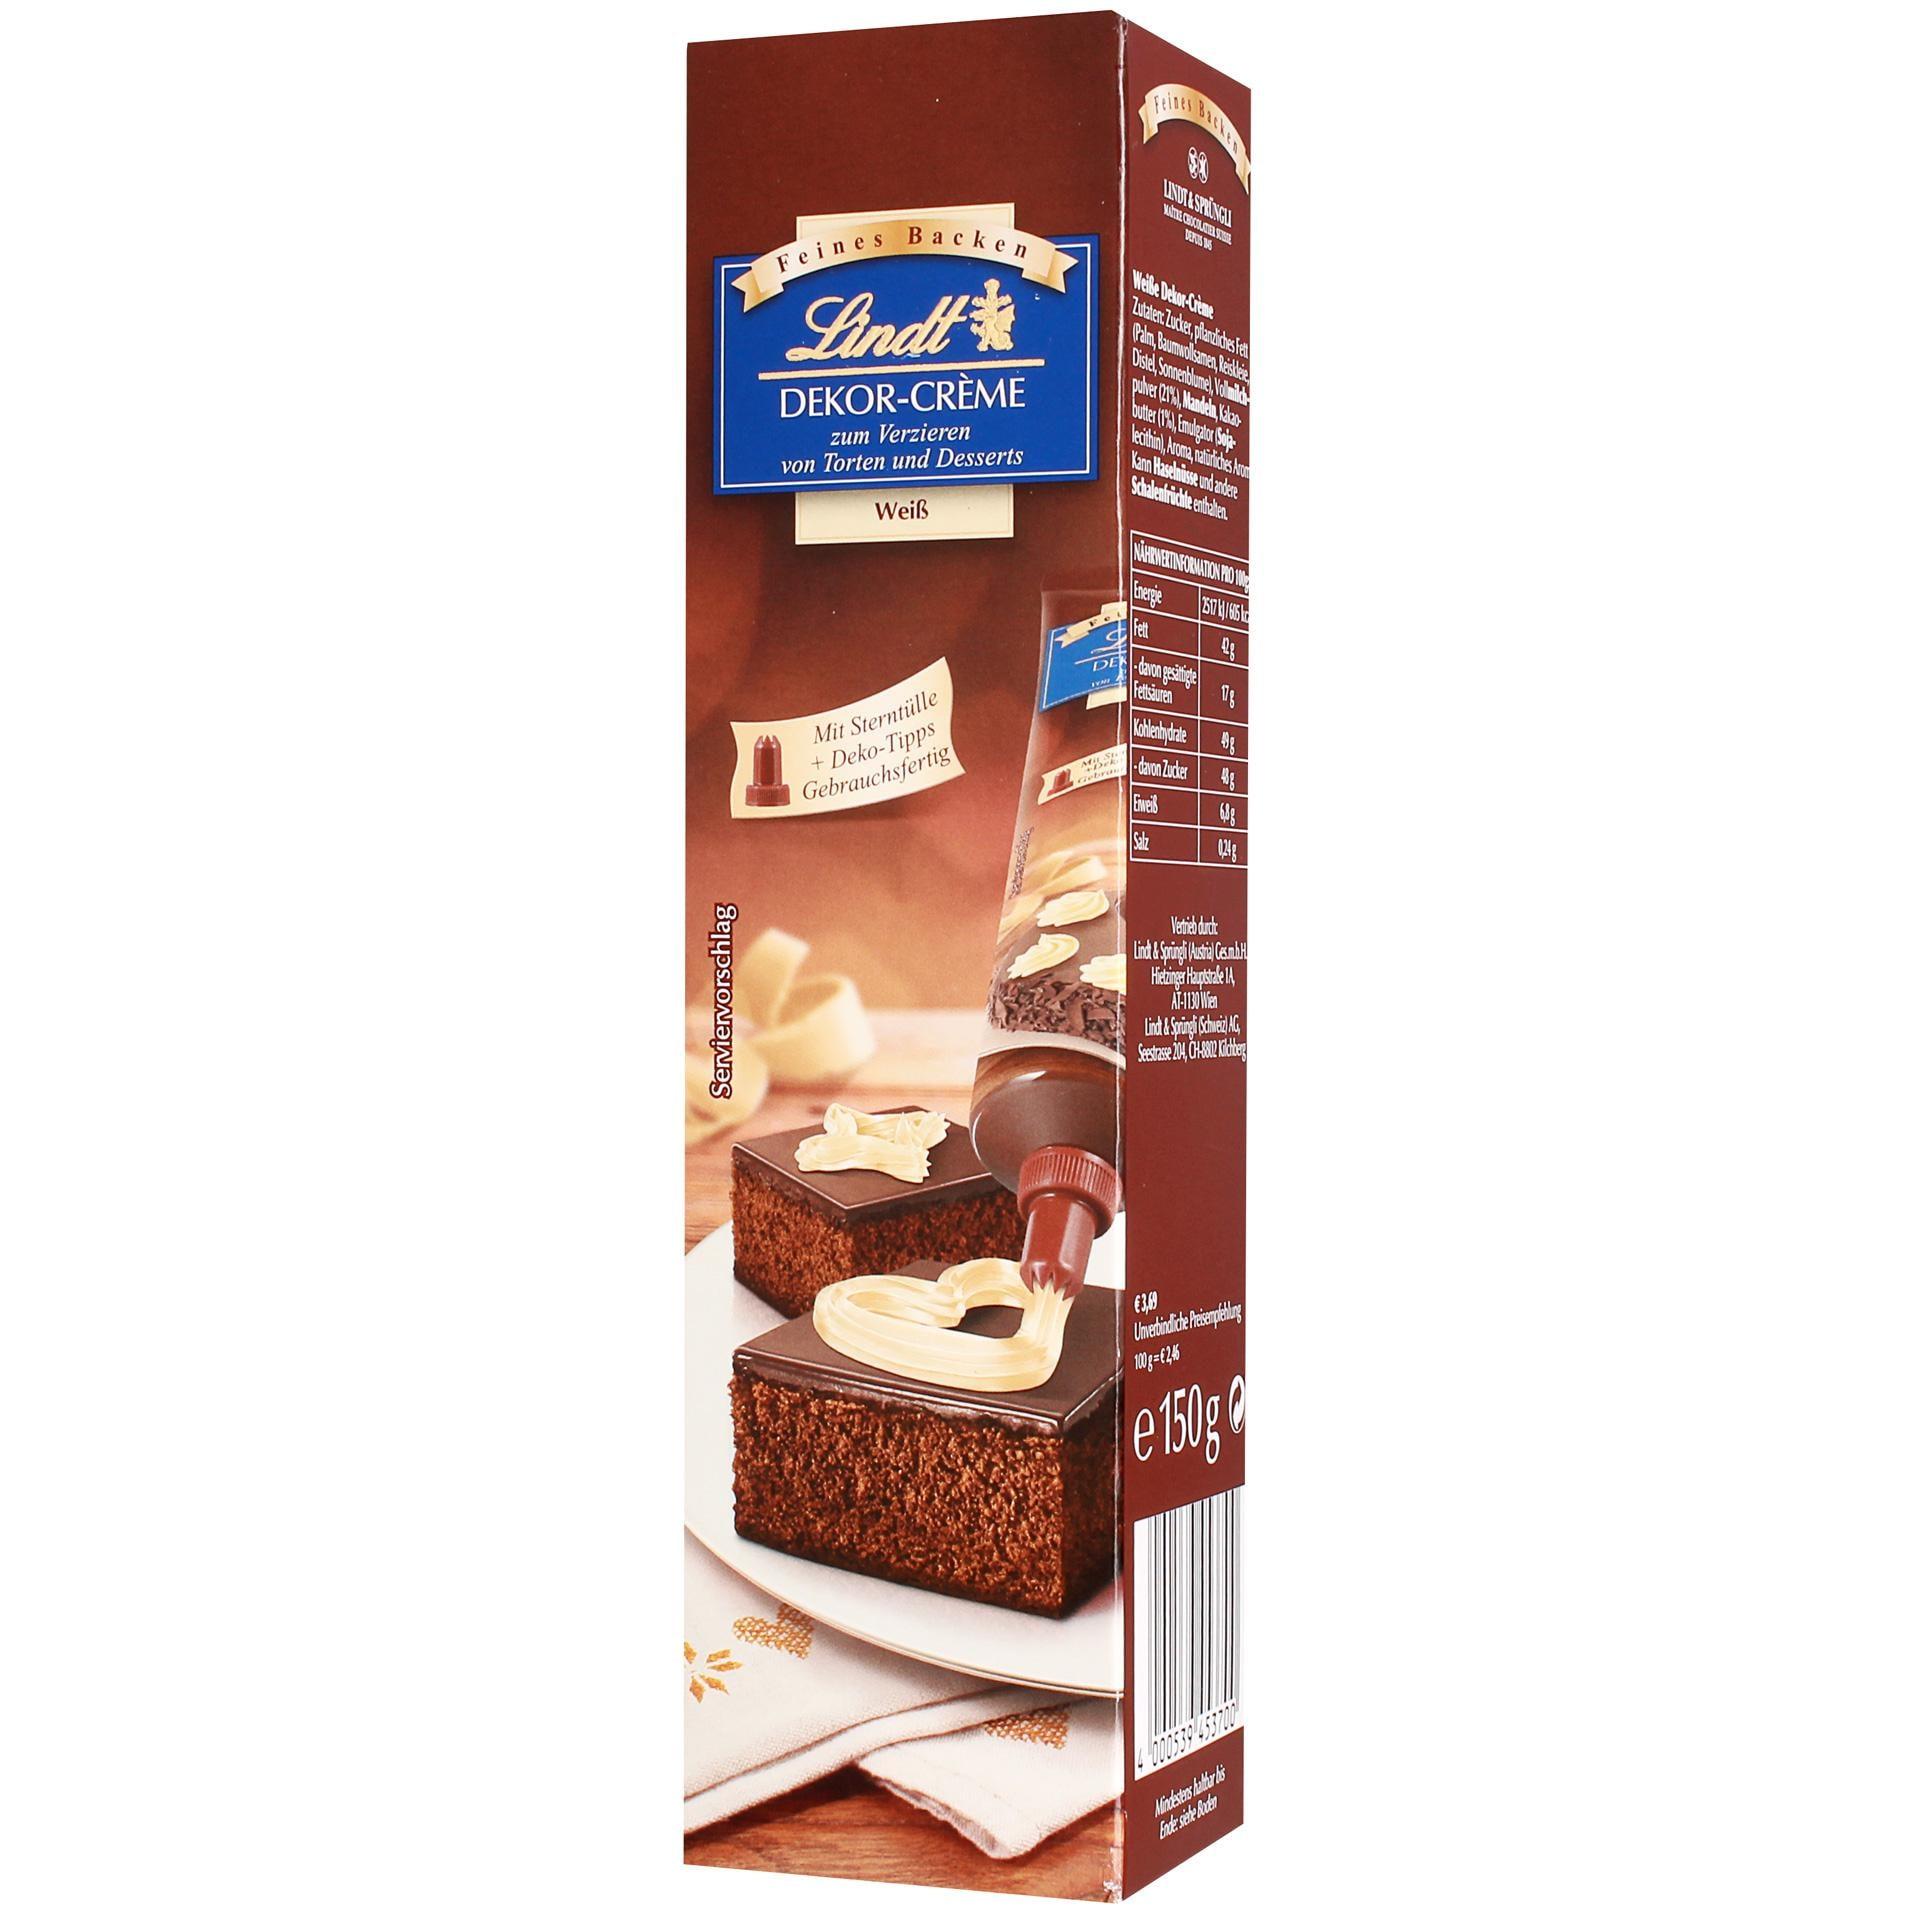 Lindt - Dekor-Crème Weiß mit Sterntülle Tortendekor - 150g